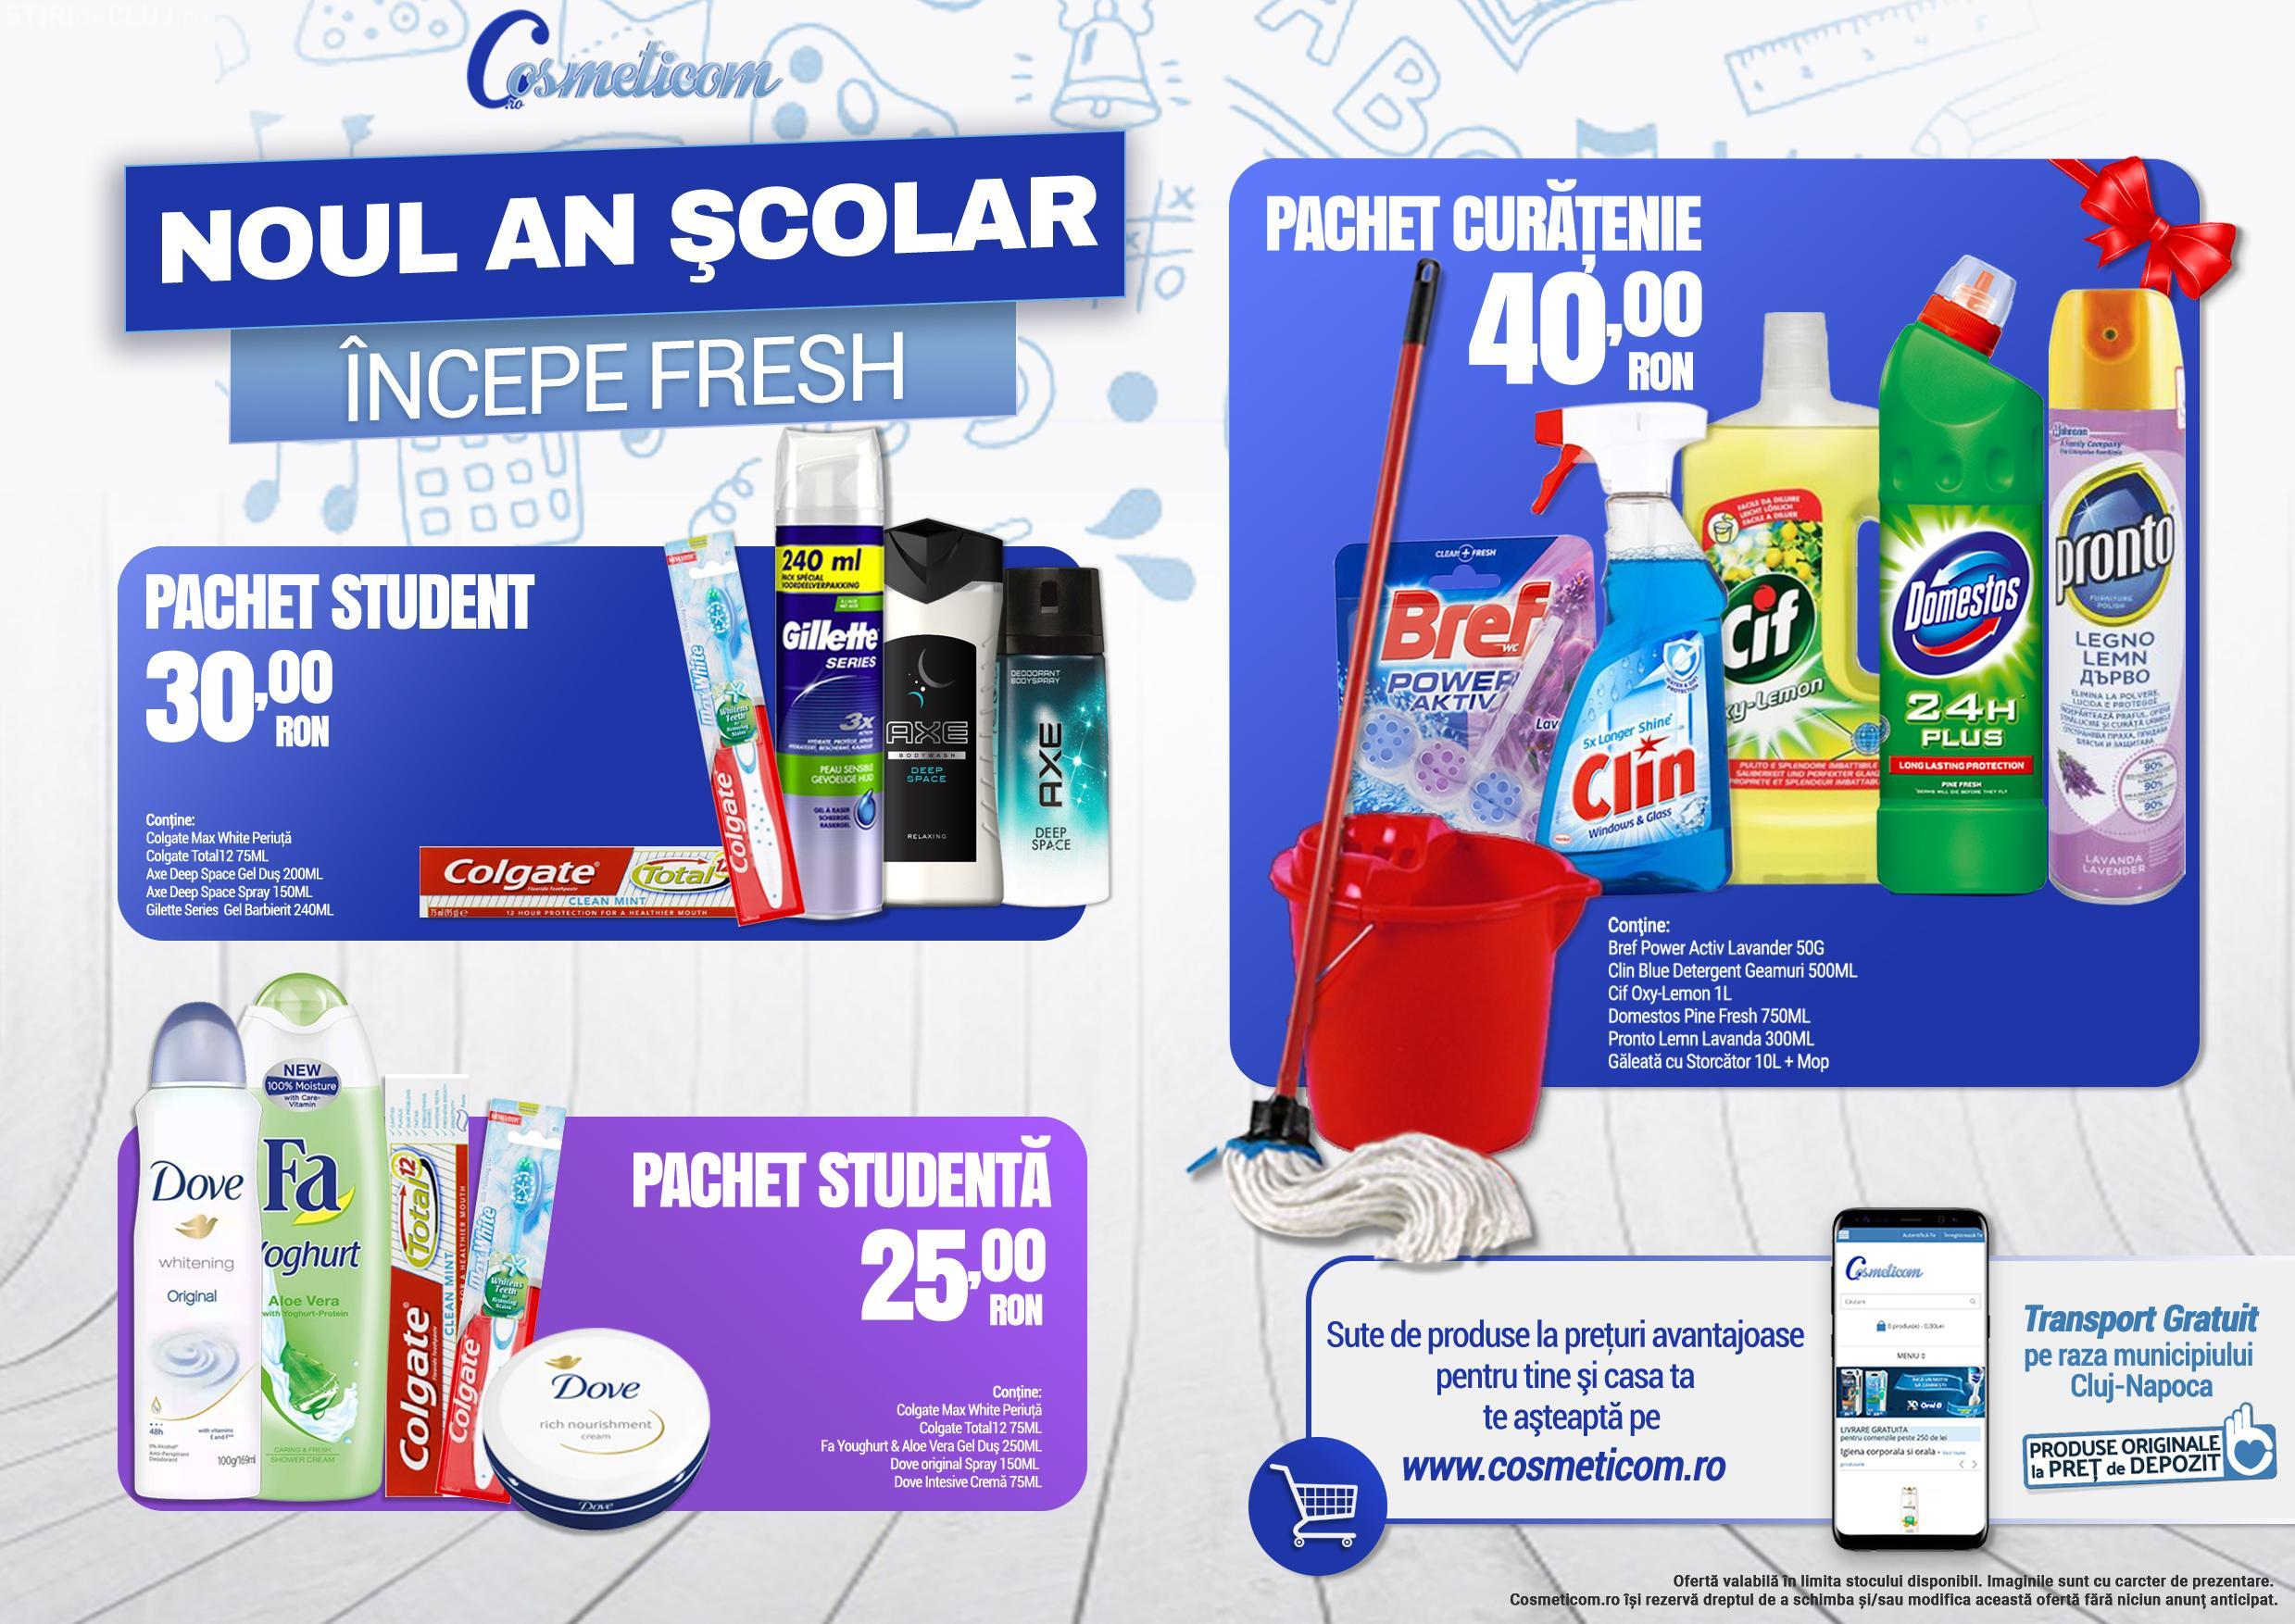 Noul an universitar începe cu un curs intens de curățenie! (P)